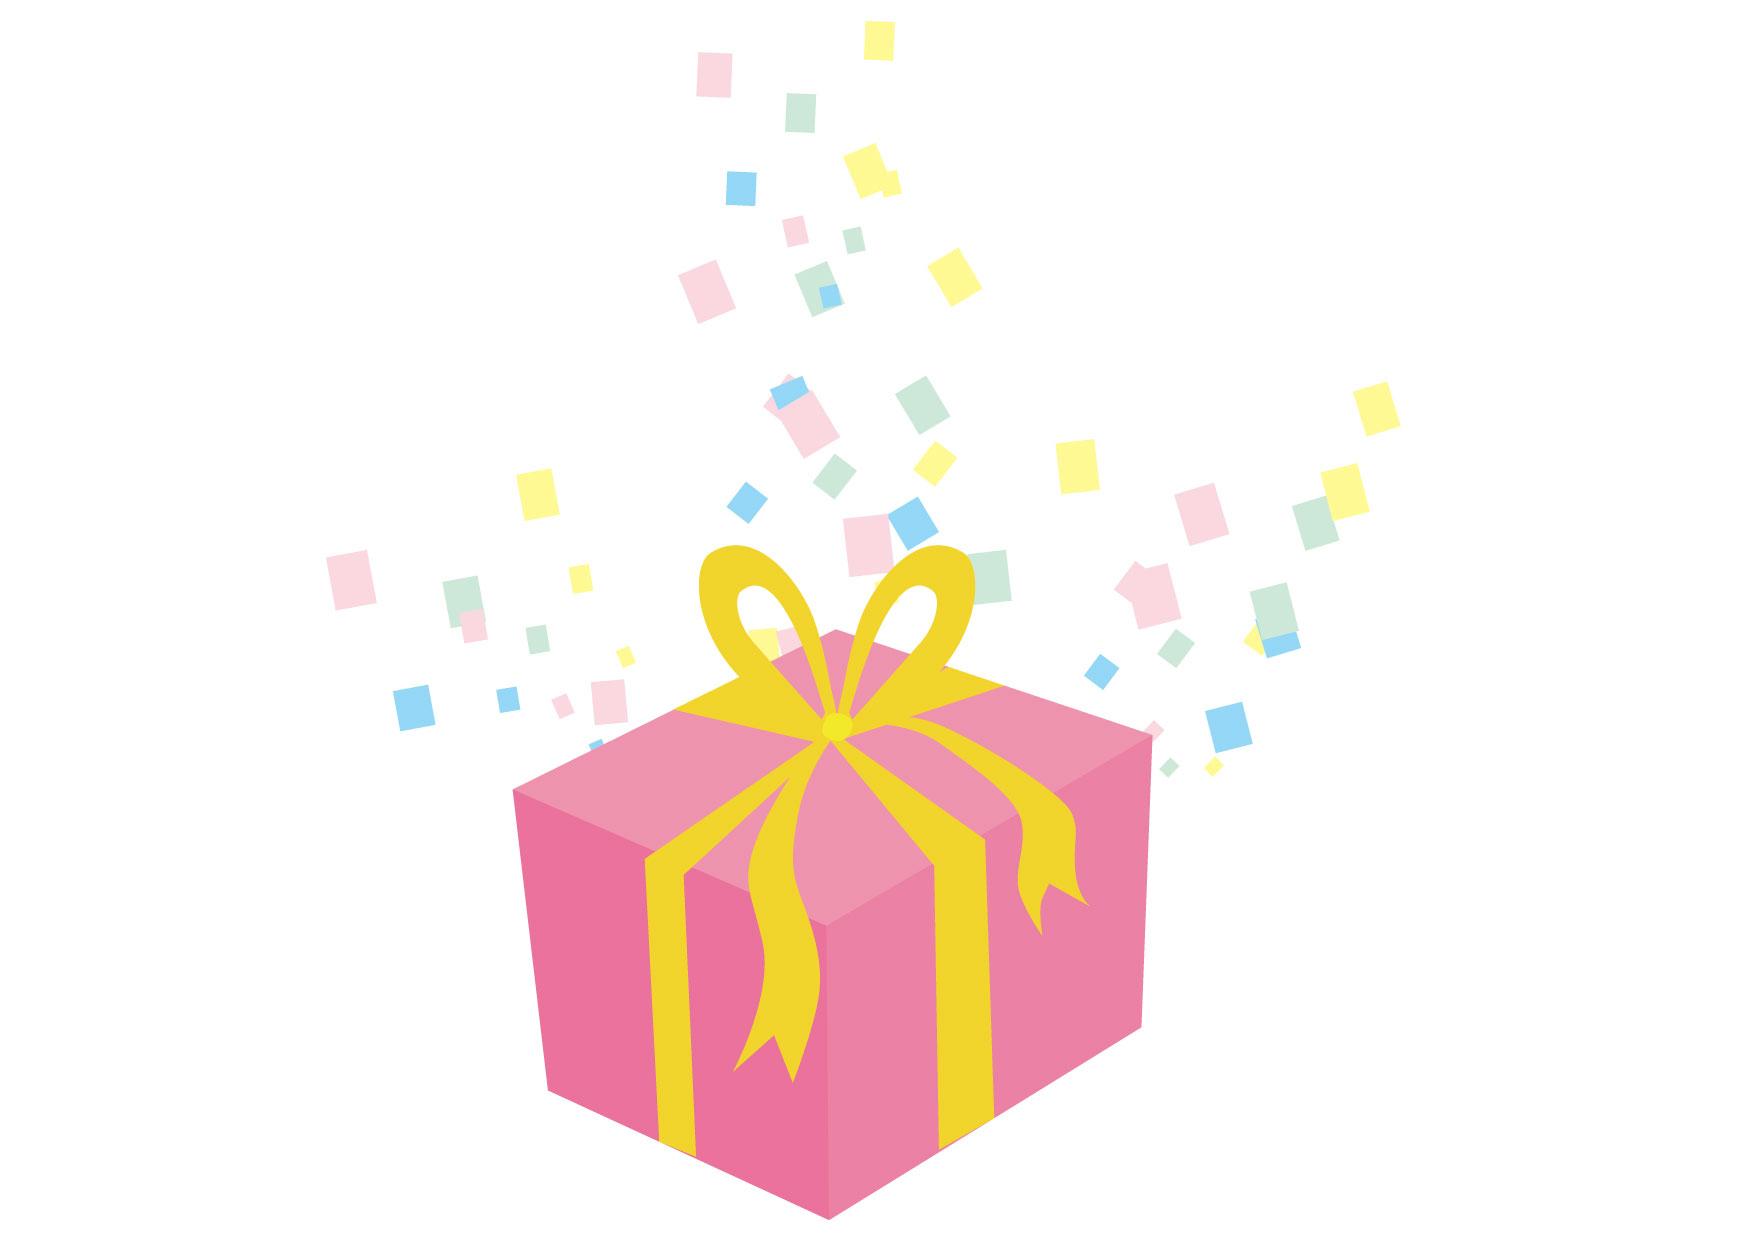 可愛いイラスト無料|プレゼント ピンク 紙吹雪 − free illustration Present pink confetti